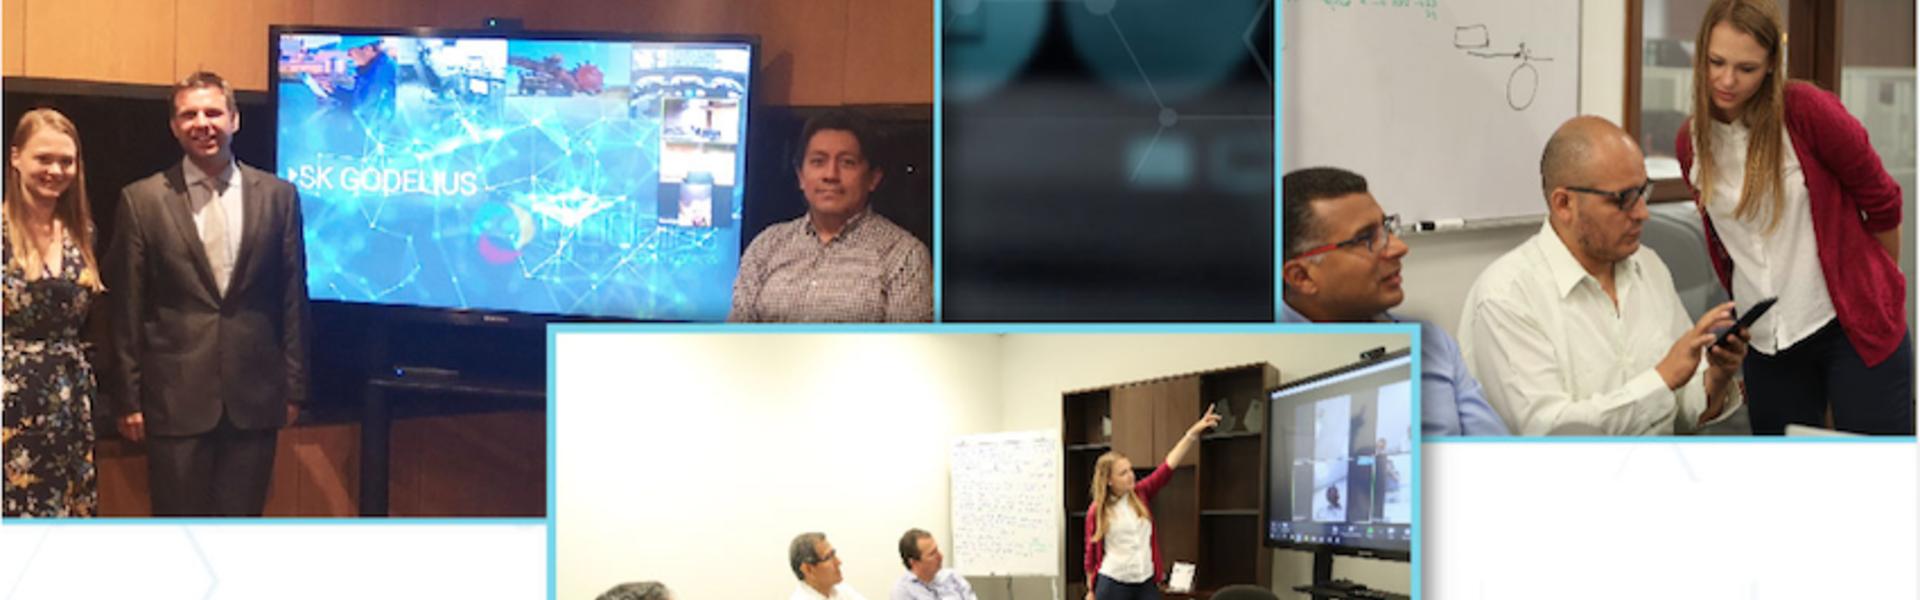 Nuevo Sistema de Interacción de Godelius (SIG) se instala en ICSK Perú